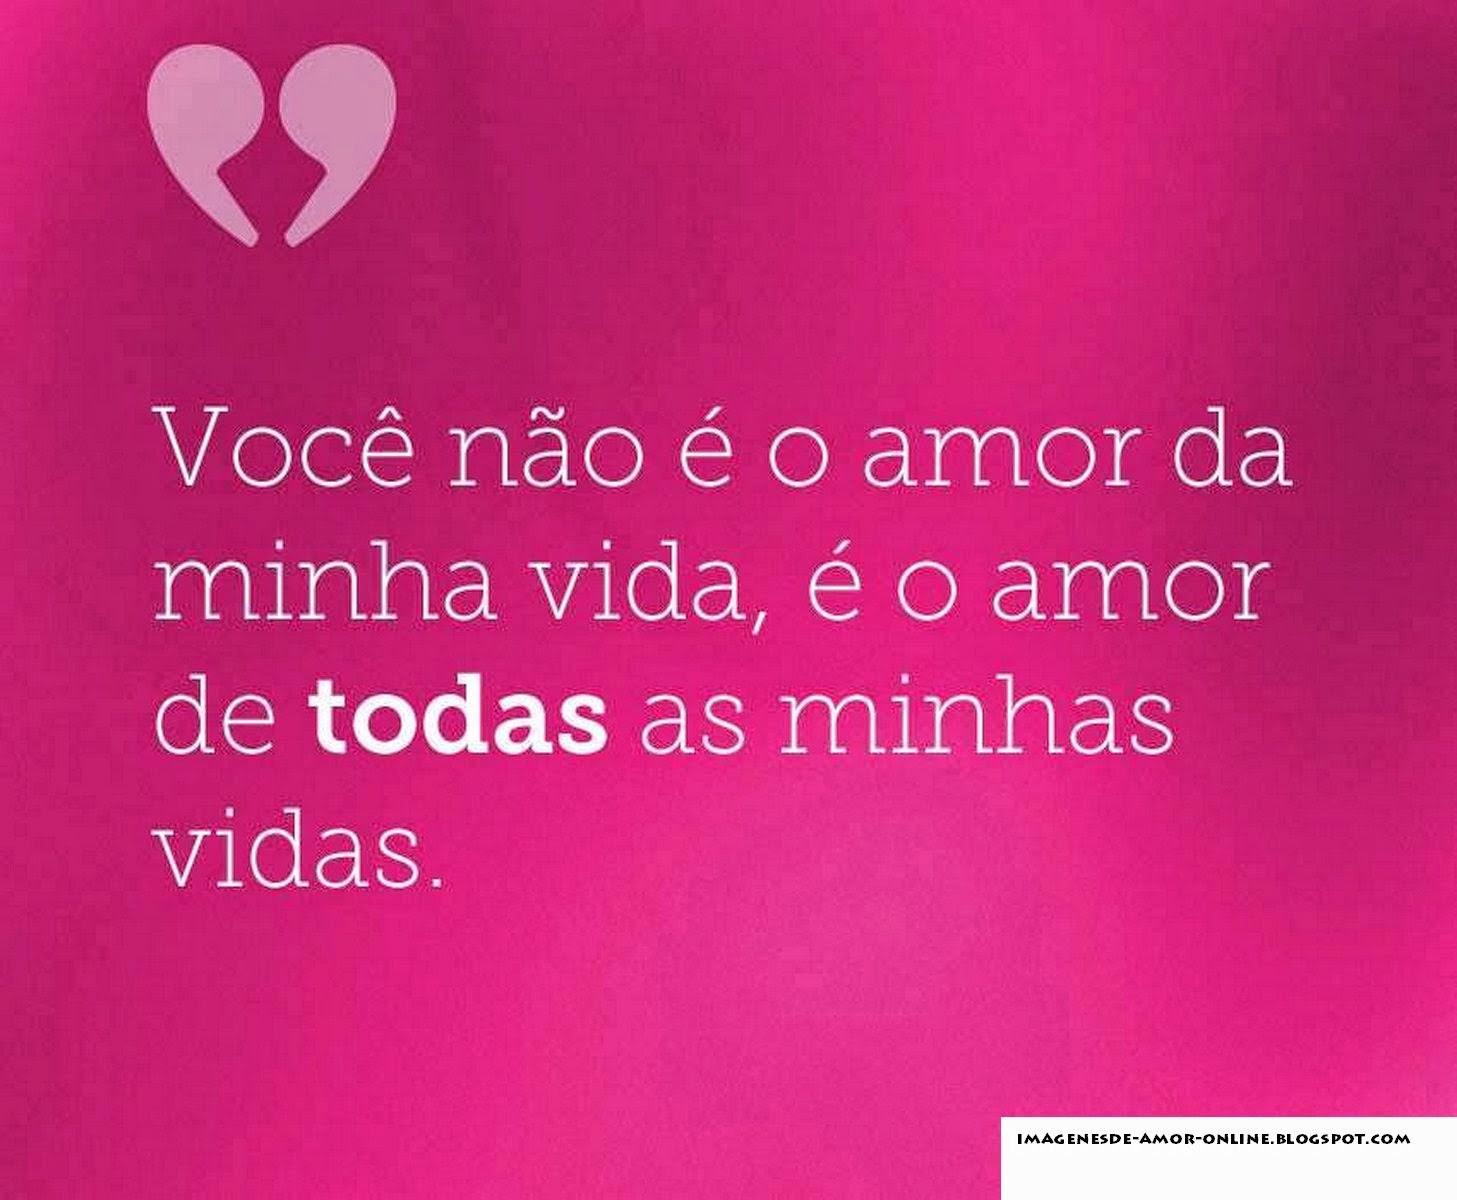 Imagenes Con Frases En Portugues